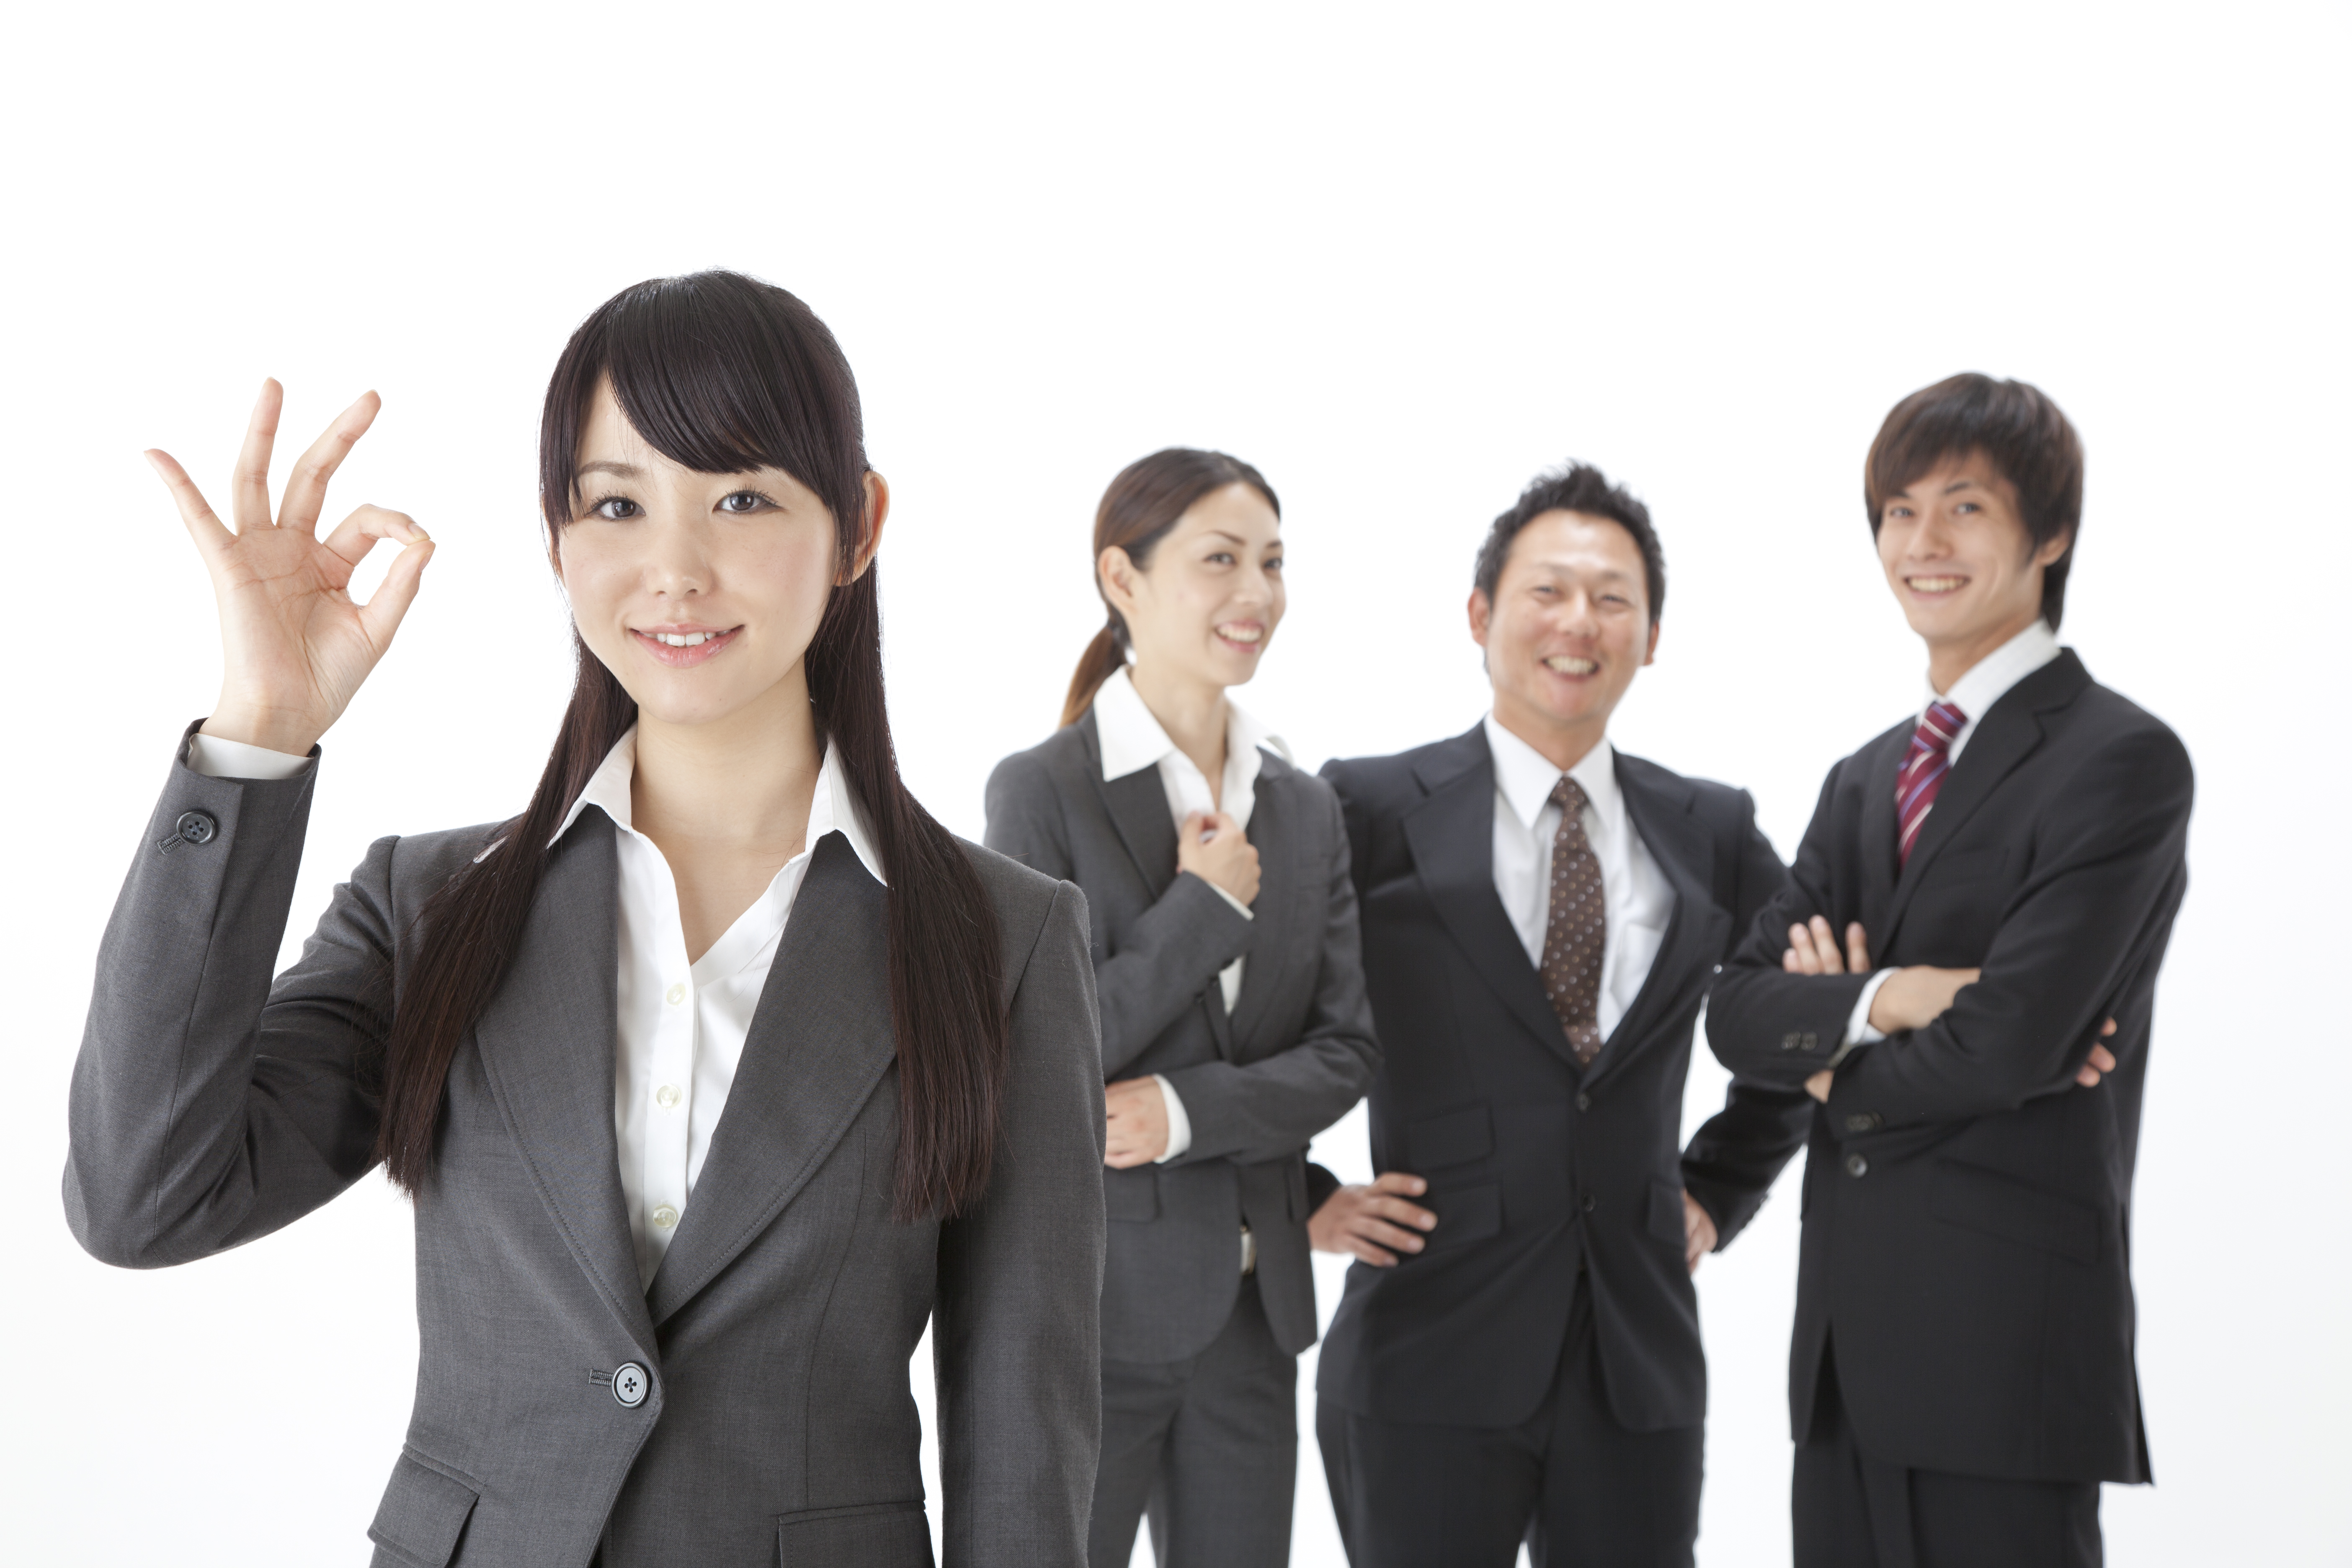 就活の面接で見られる「30のマナーと採用ポイント」